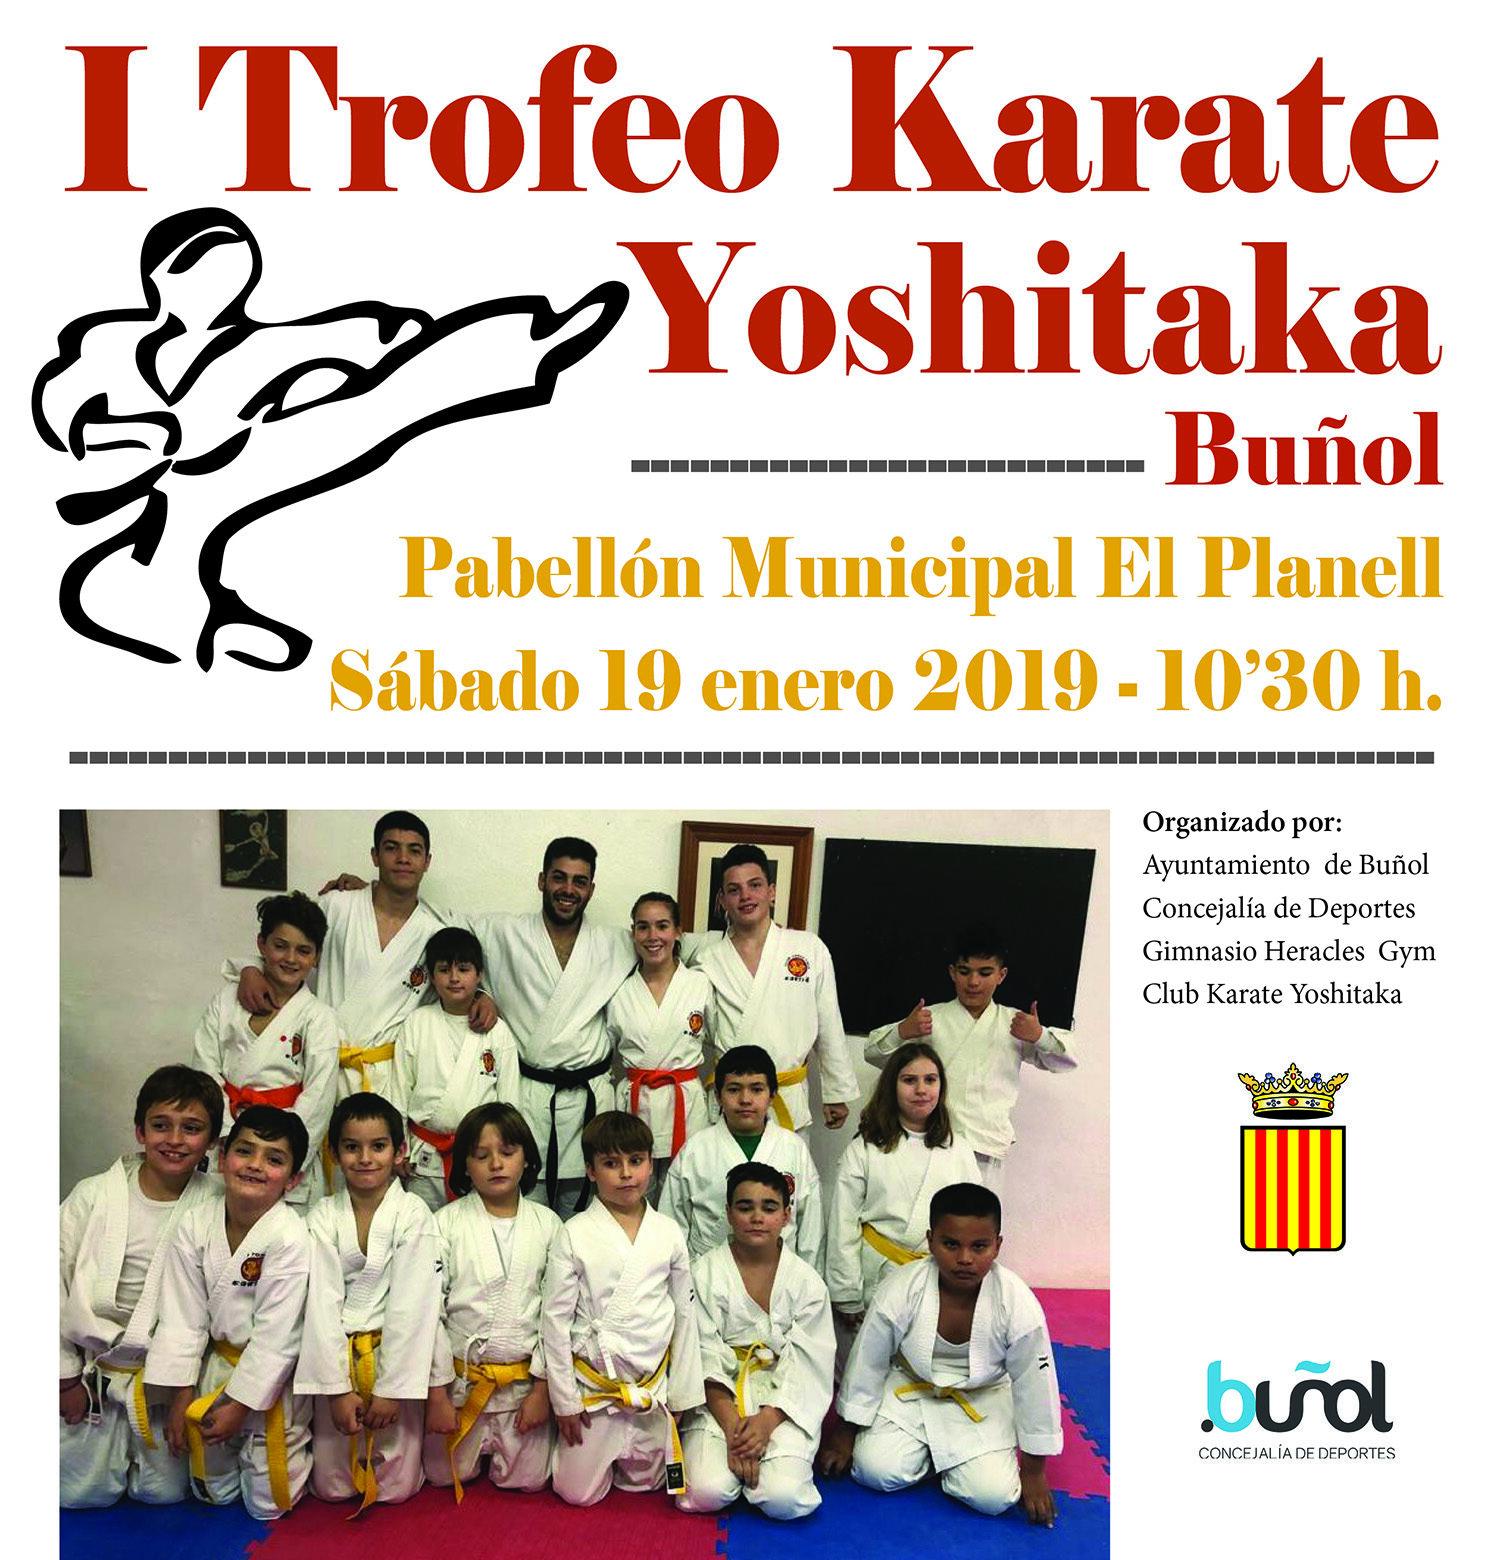 El Pabellón Municipal del Planell de Buñol alberga el I Trofeo Karate Yoshitaka el próximo 19 de enero.